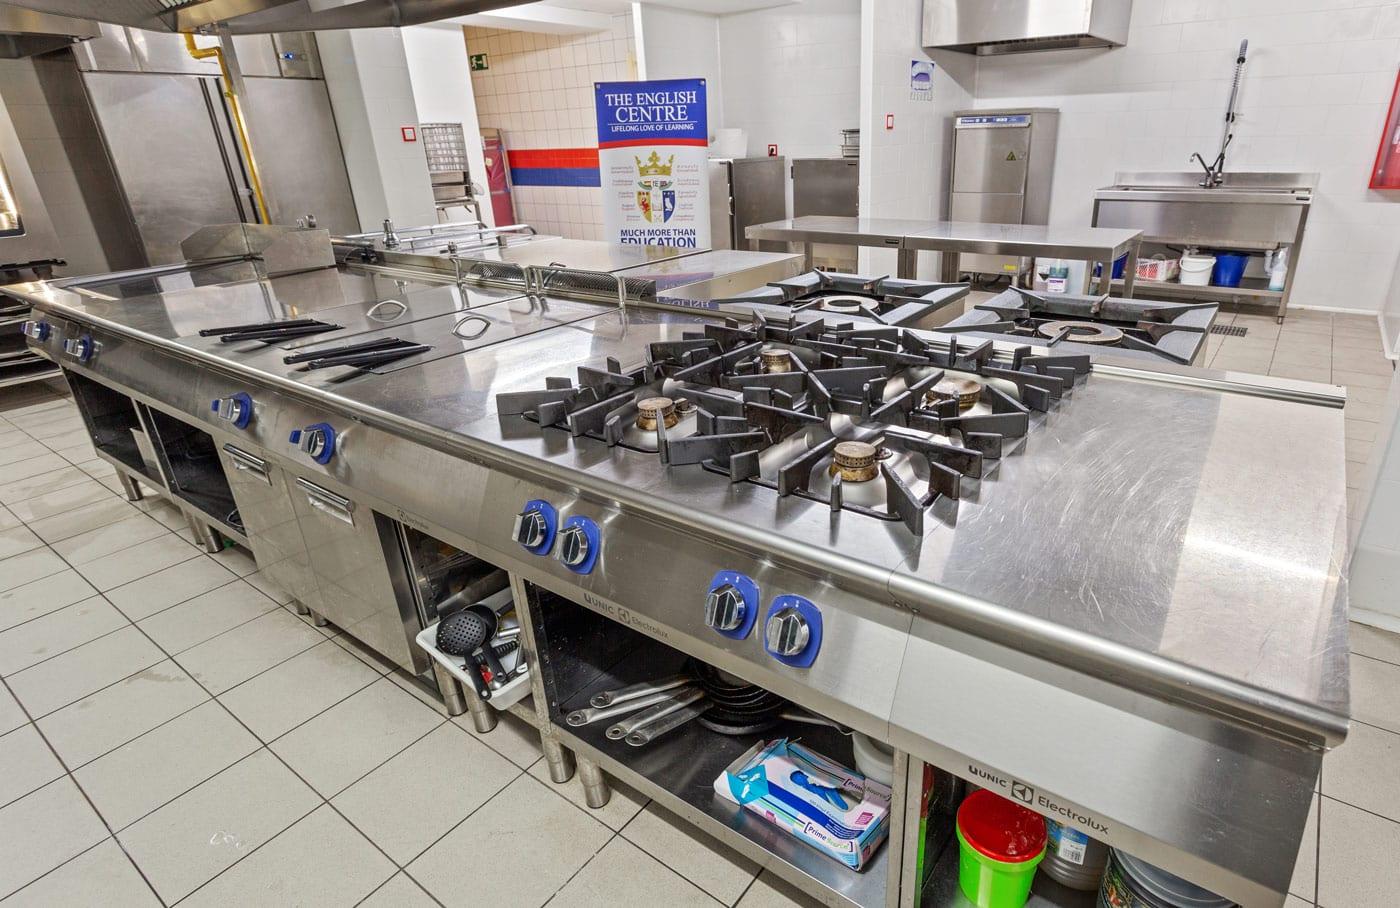 Bloque de cocina Electrolux - El Centro Inglés